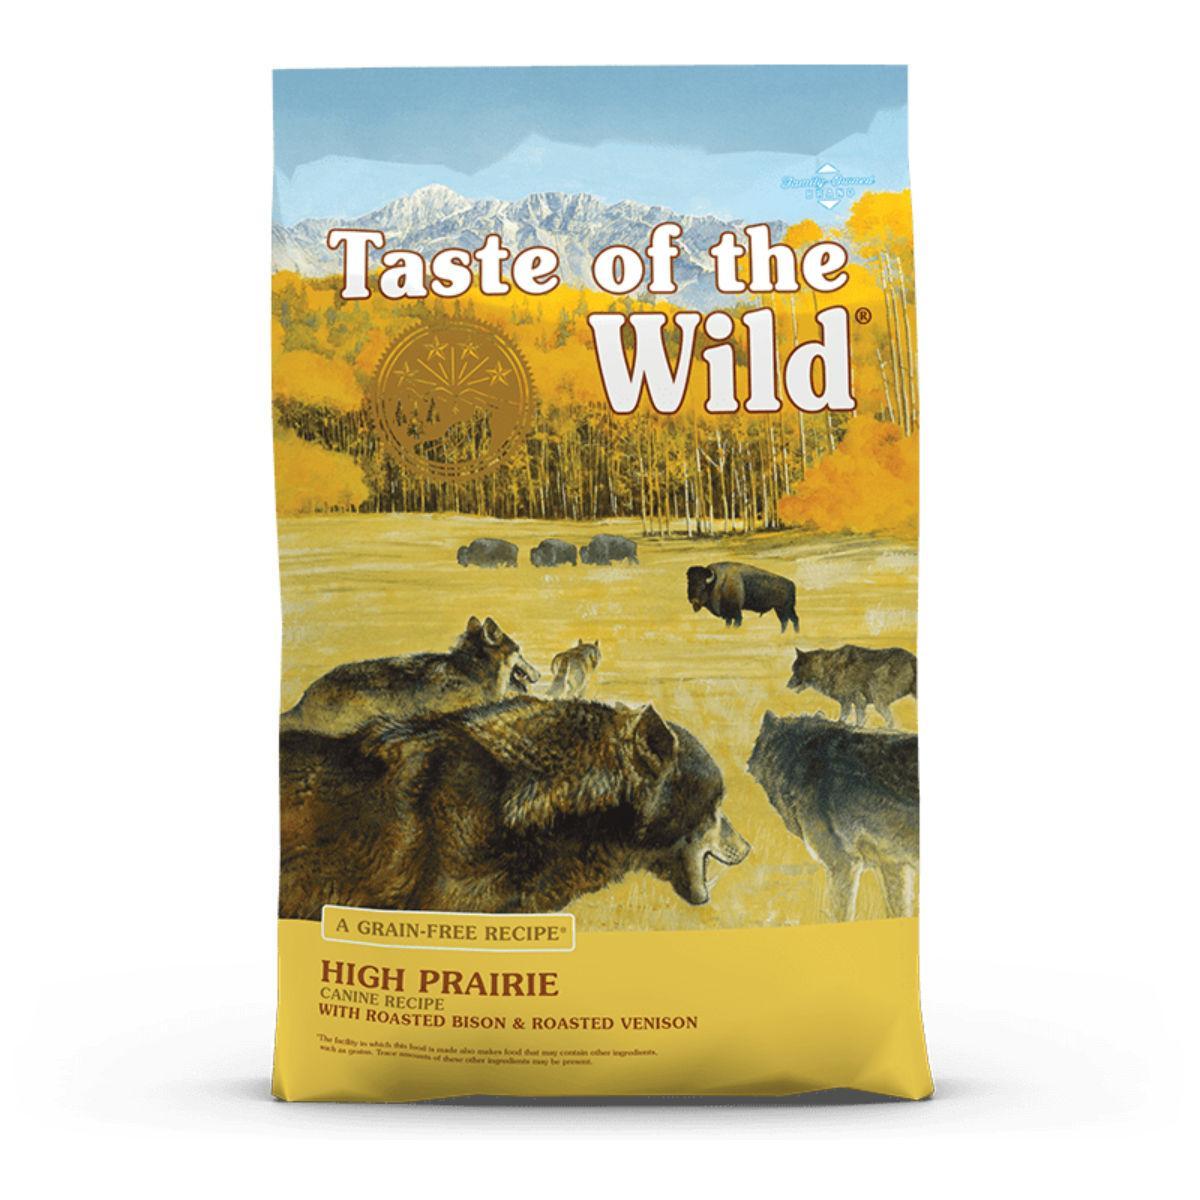 Taste of the Wild High Prairie Dog Food - Bison & Venison